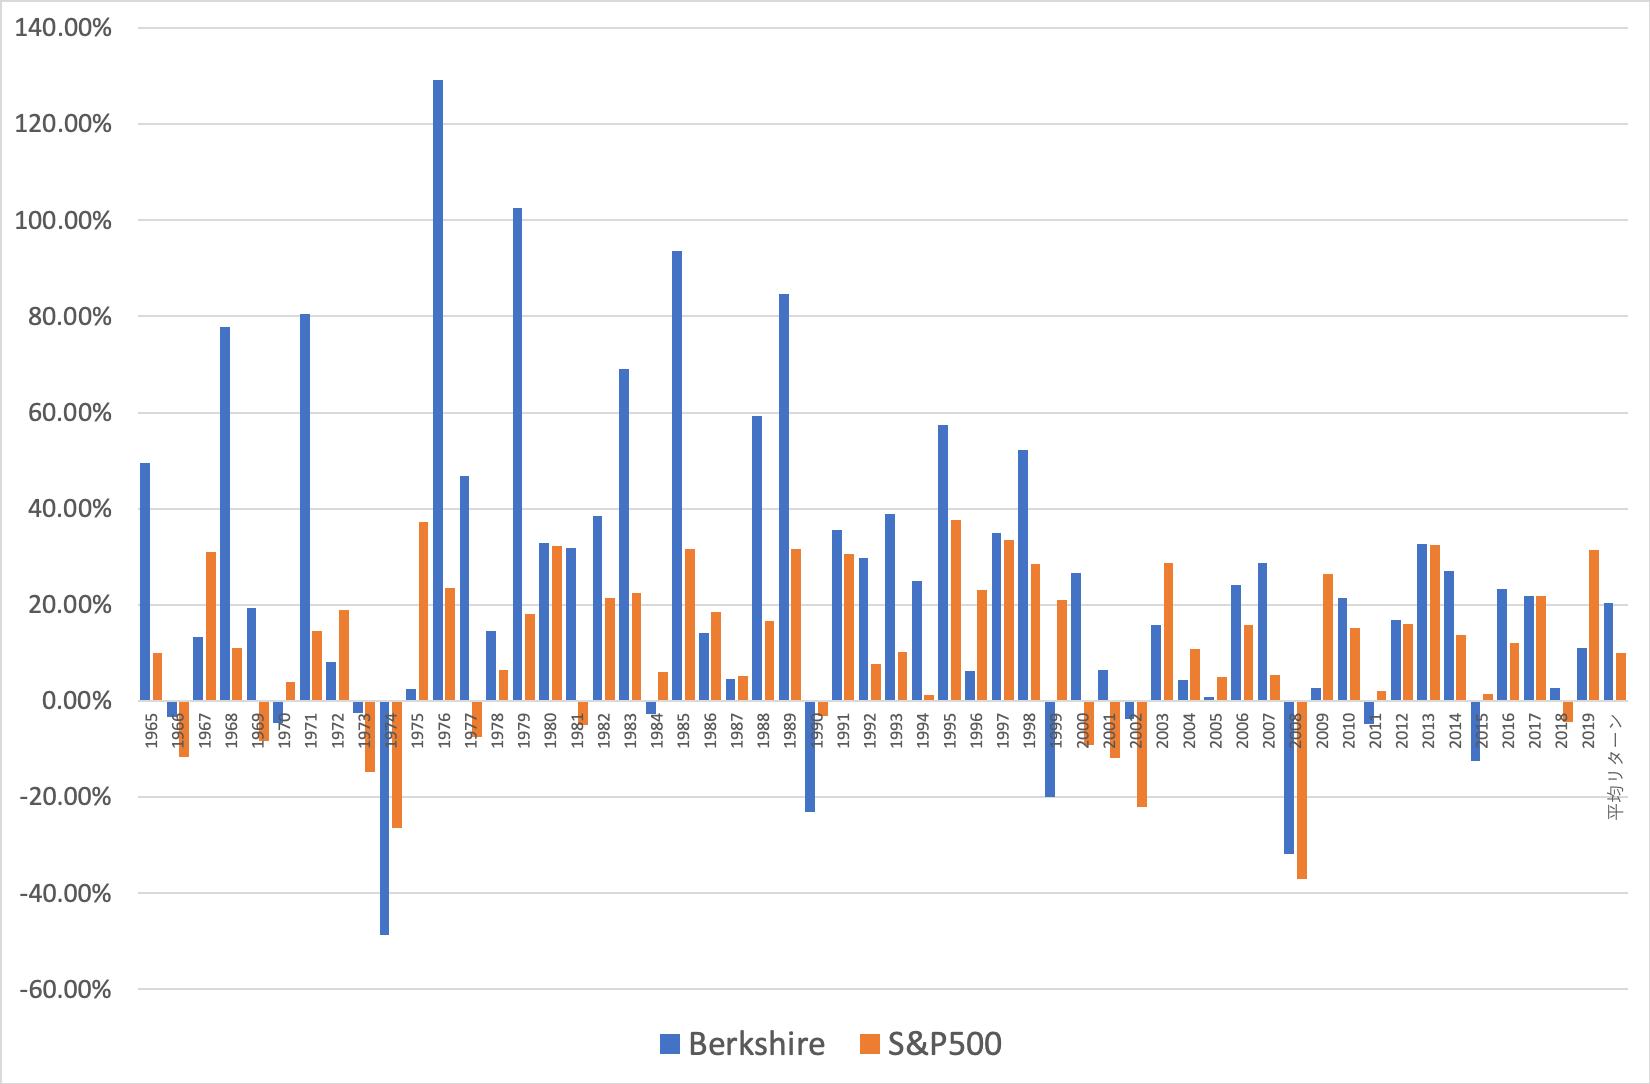 バークシャーハサウェイとS&P500指数の各年度のリターンの比較